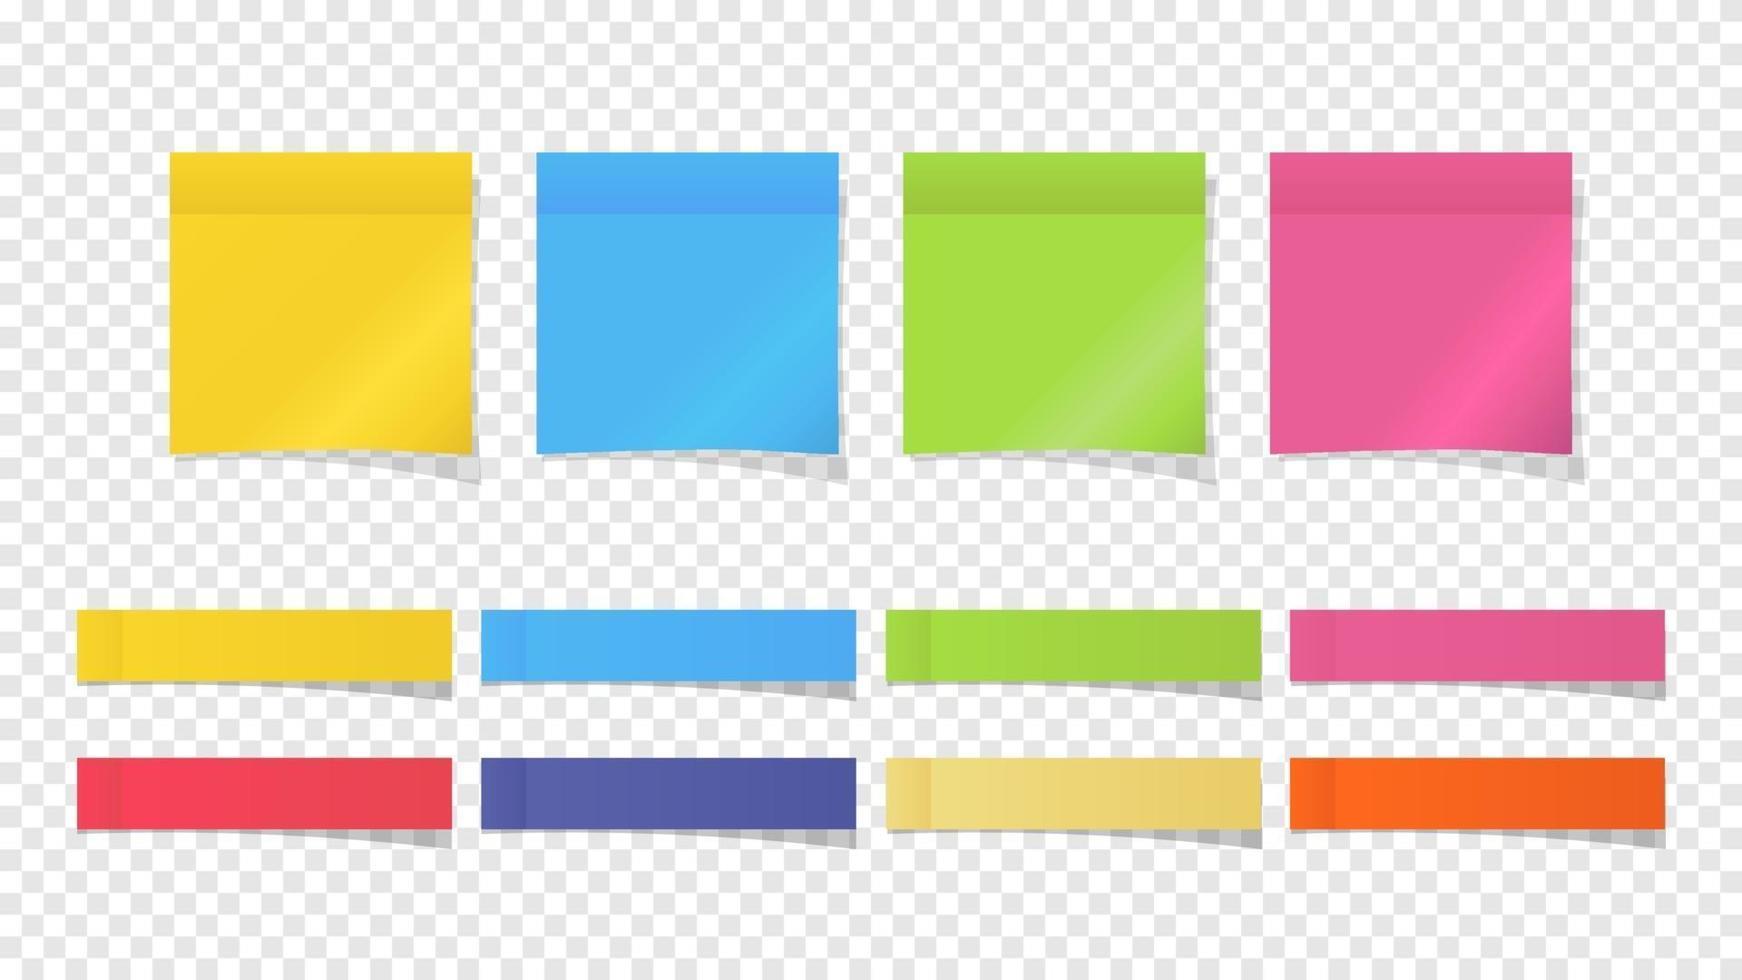 Ilustración de notas adhesivas, notas de papel de diferentes colores. vector